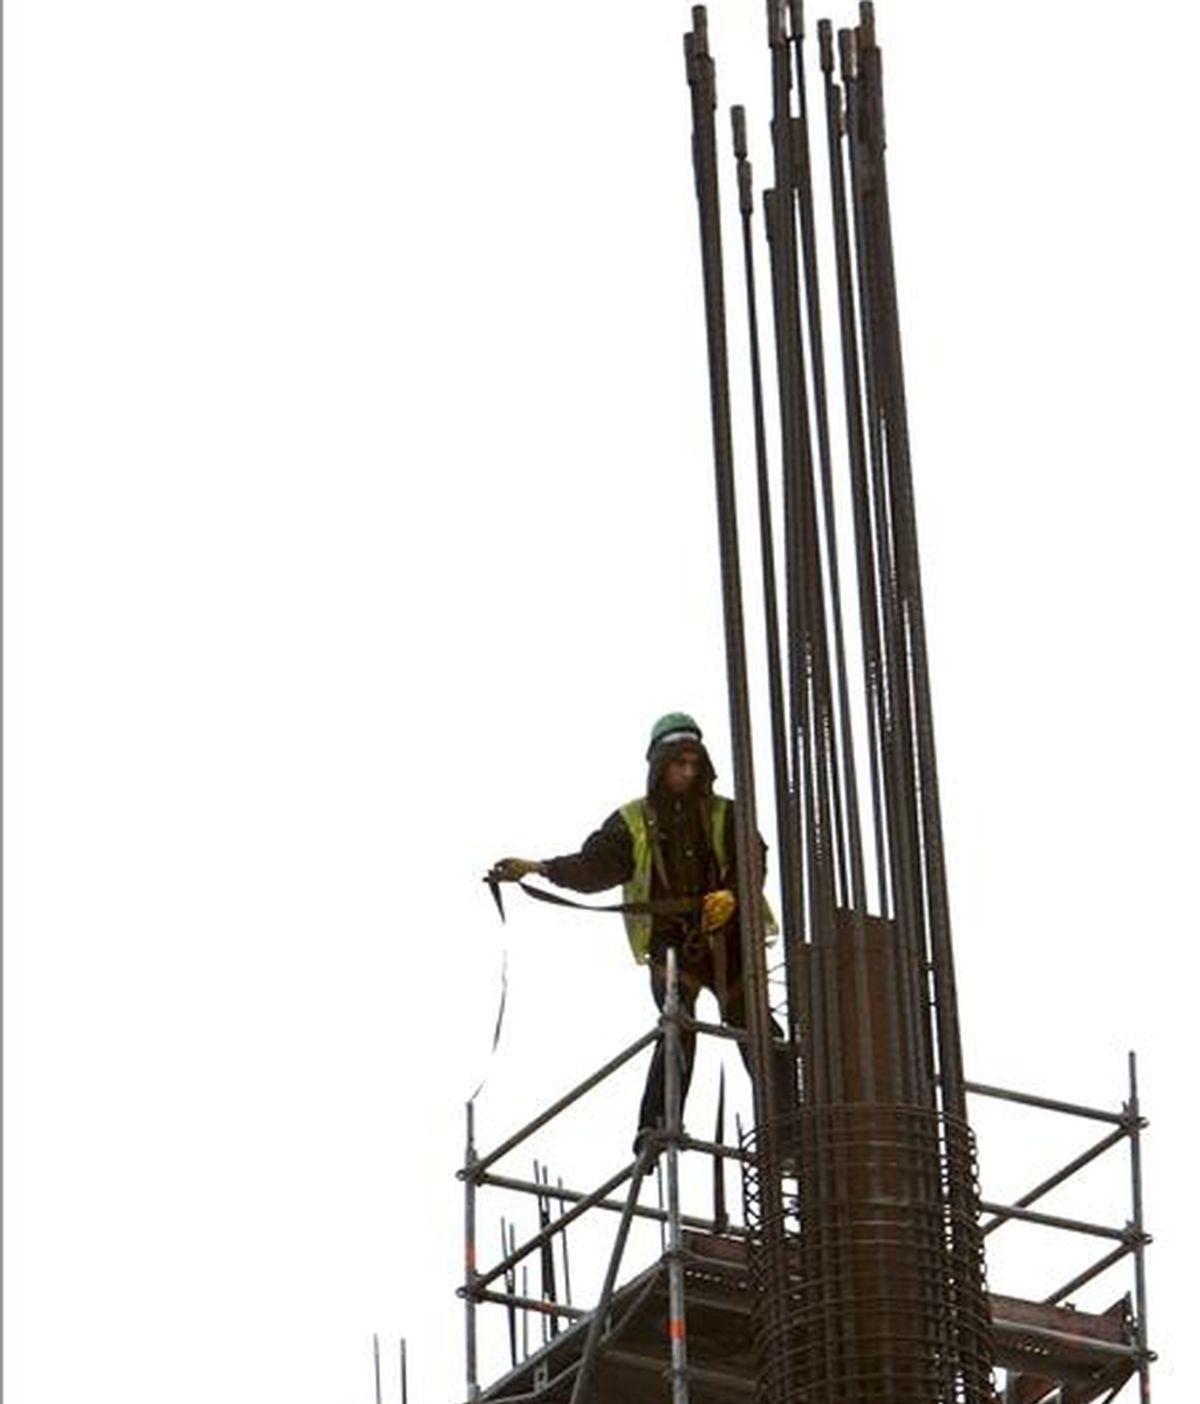 Un trabajador de la construcción intenta asegurarse con su arnés en una obra. EFE/Archivo